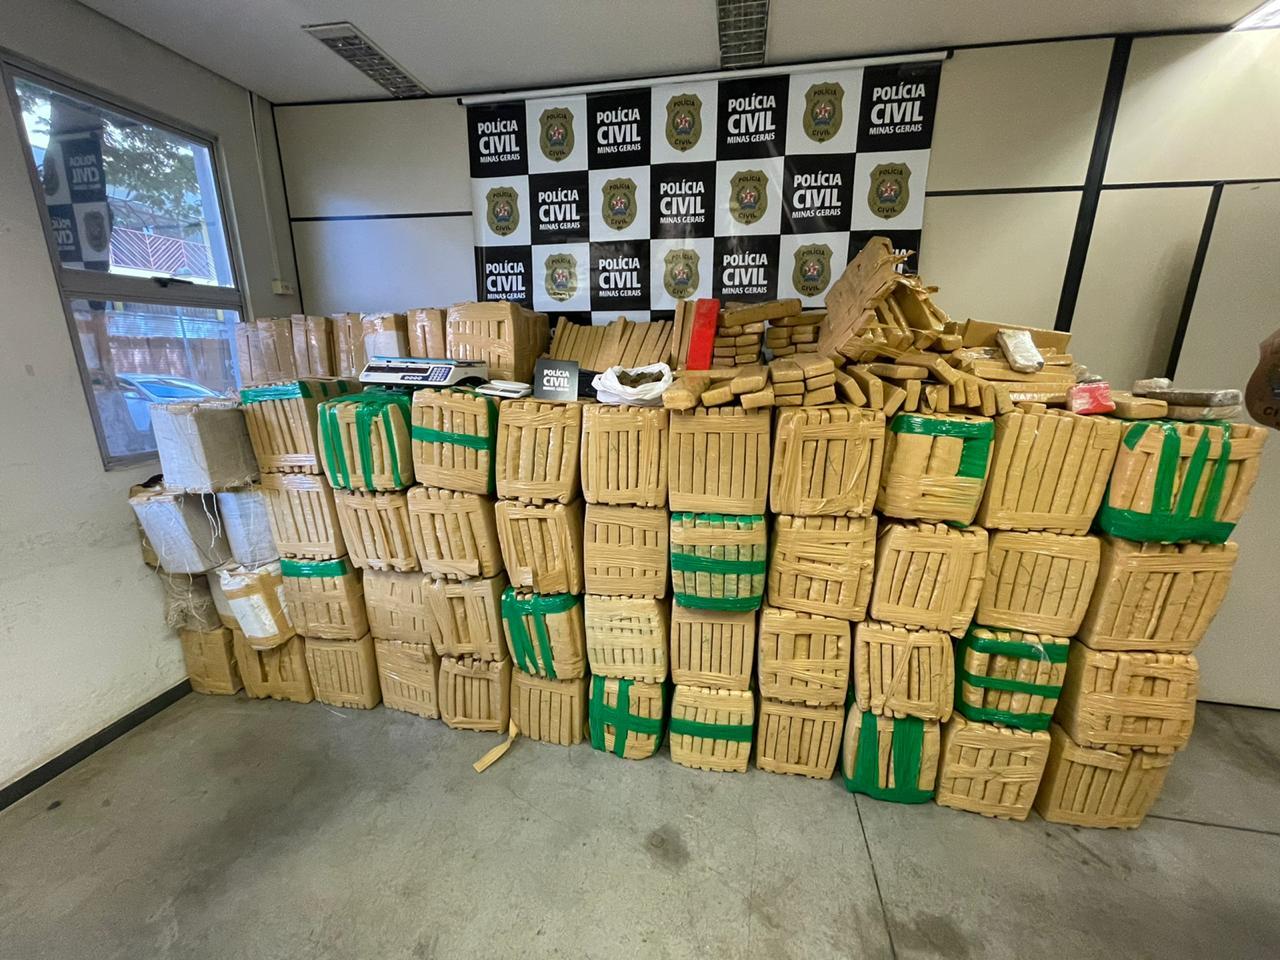 Três toneladas de maconha são apreendidos em Sabará - Foto: Divulgação/PCMG